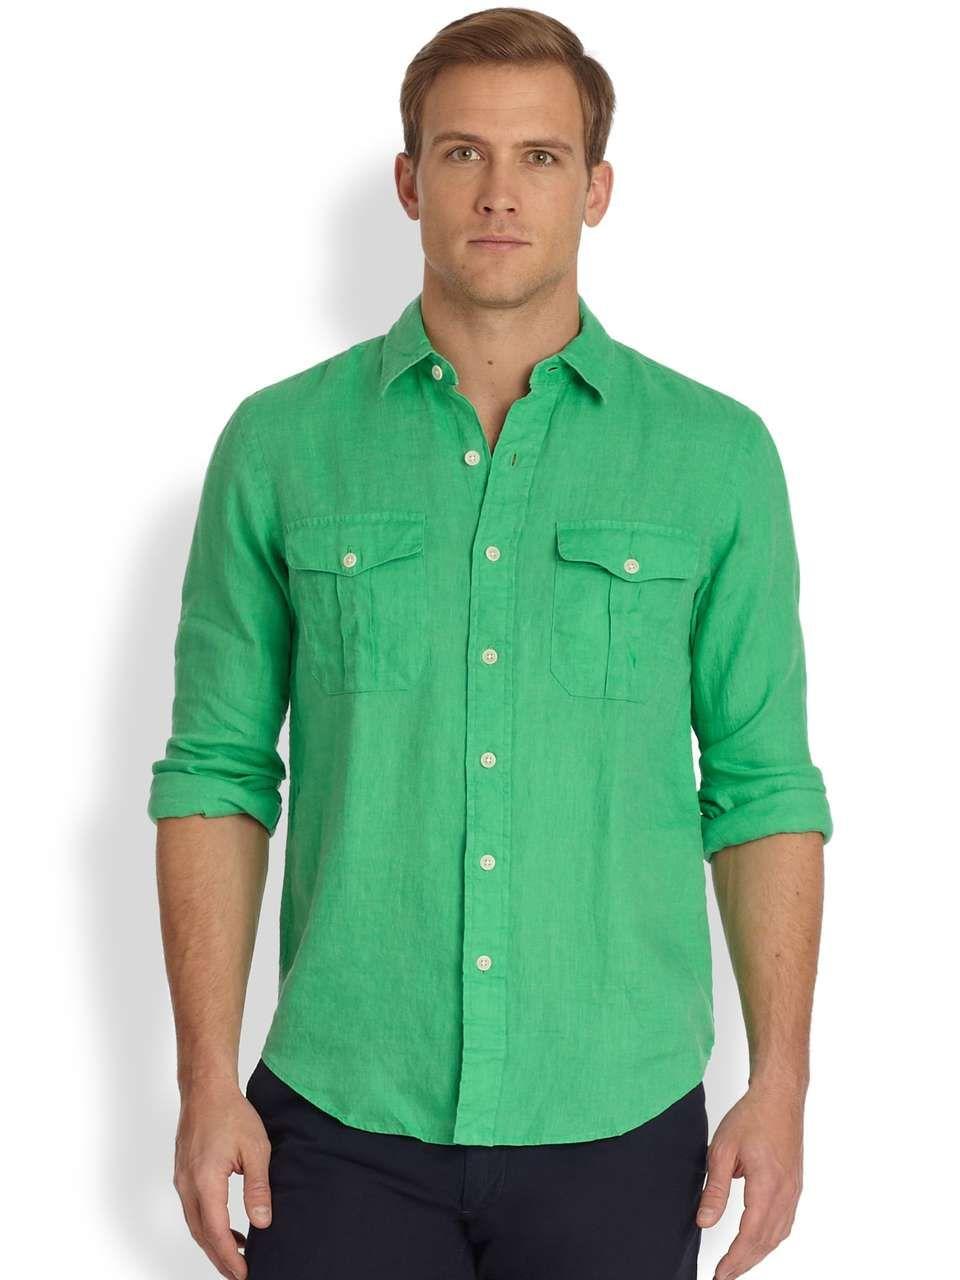 Bertigo Shirt - Cesar 03 - Designer shirt for men with floral ...